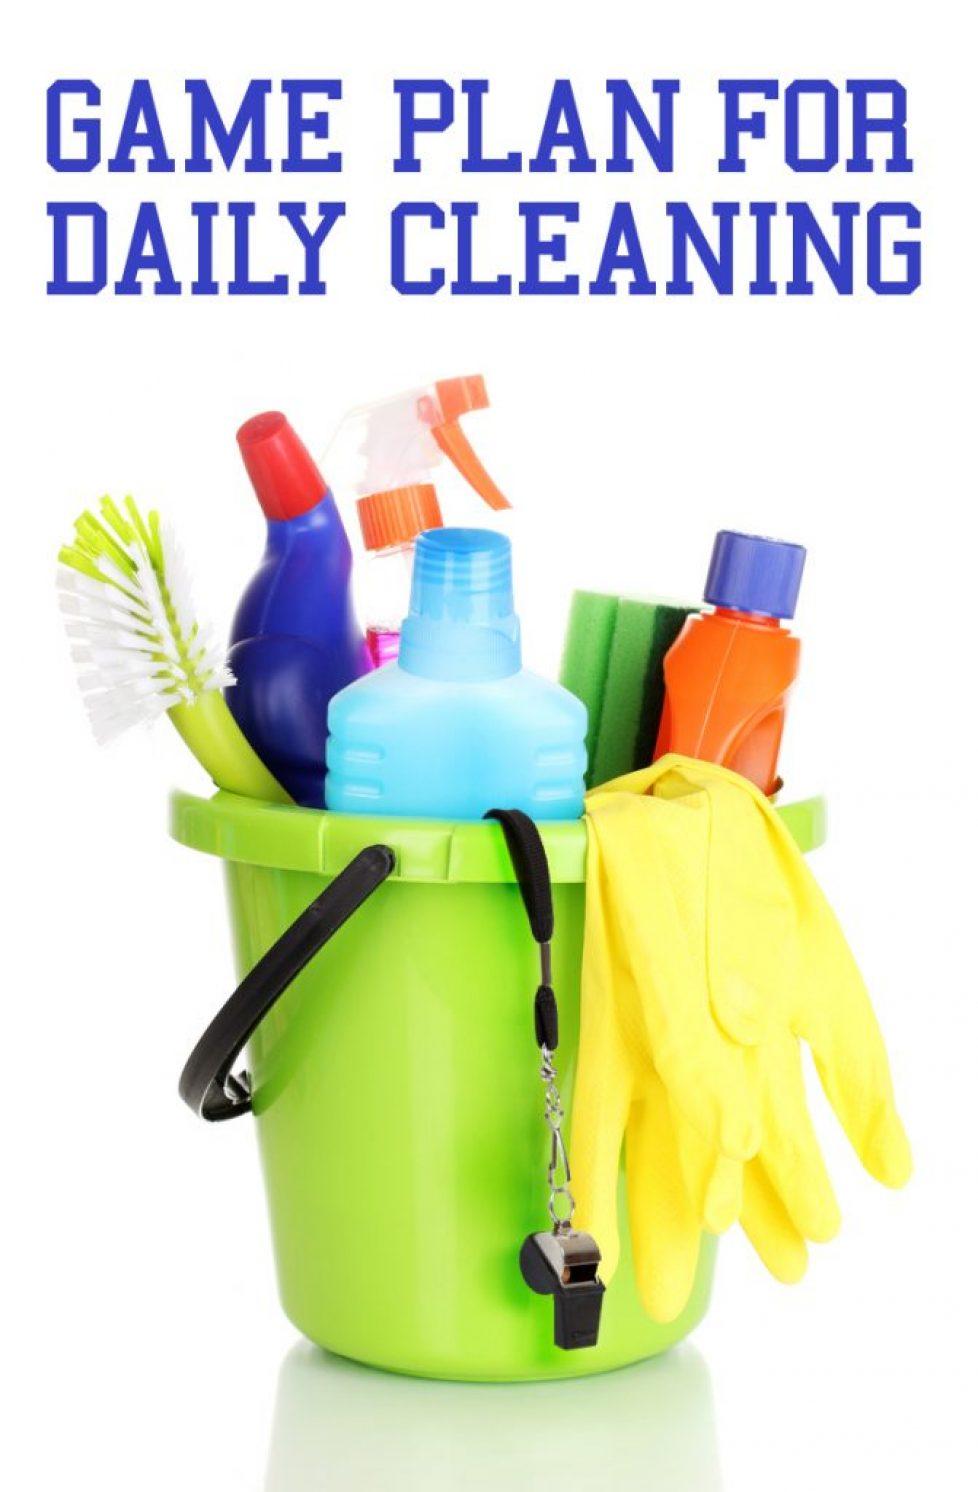 daily cleaning service rumah di pekanbaru